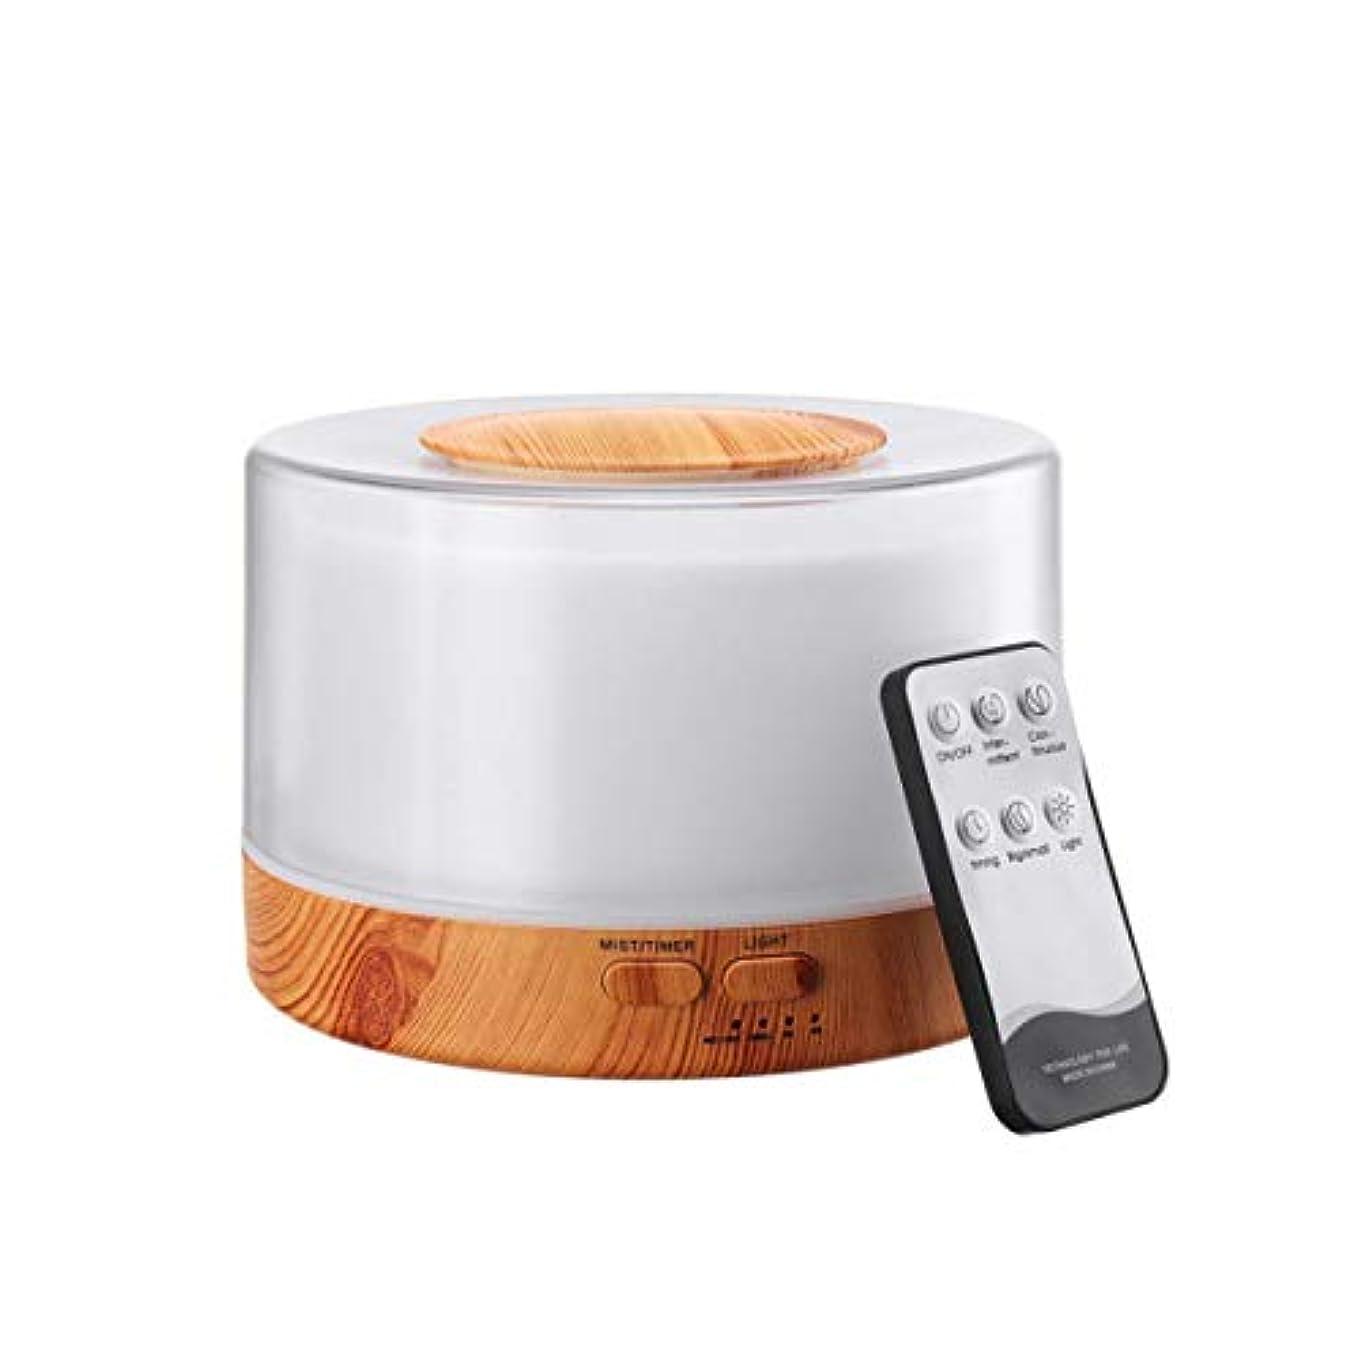 予言する余裕がある飢Healifty Essential Oil Diffuser Cool Mist Air Humidifier Aroma Atomizer Aromatherapy for Bedroom Office 700ml...